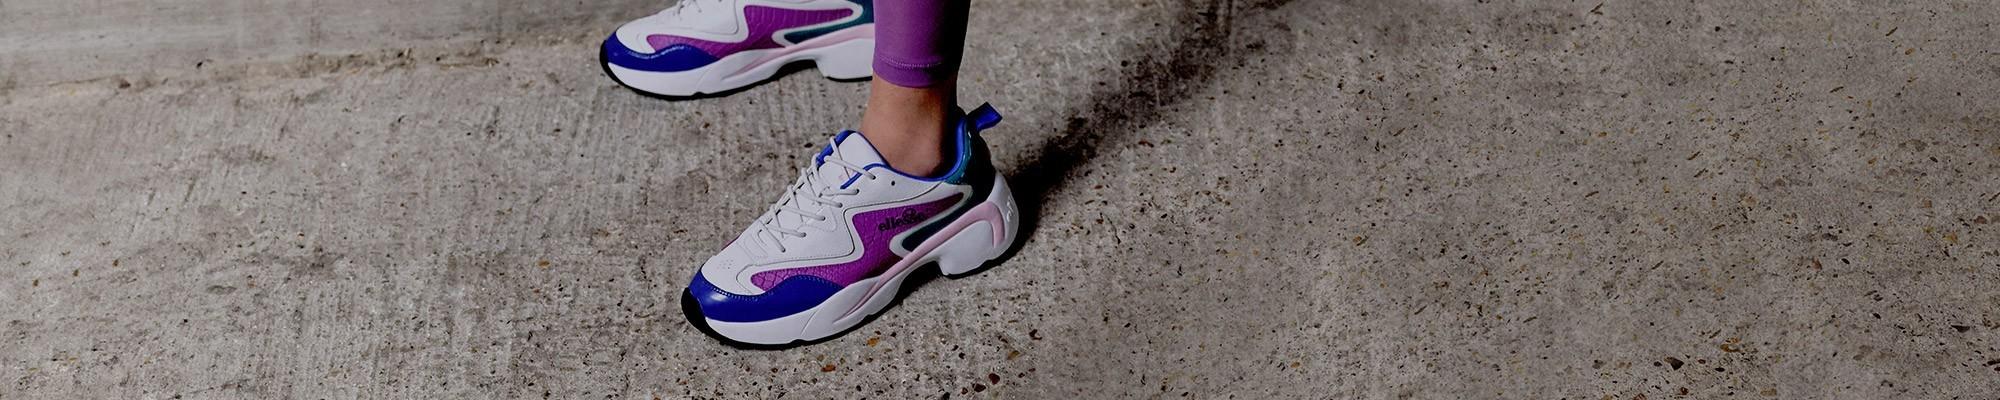 Zapatillas deportivas para mujer - Ellesse